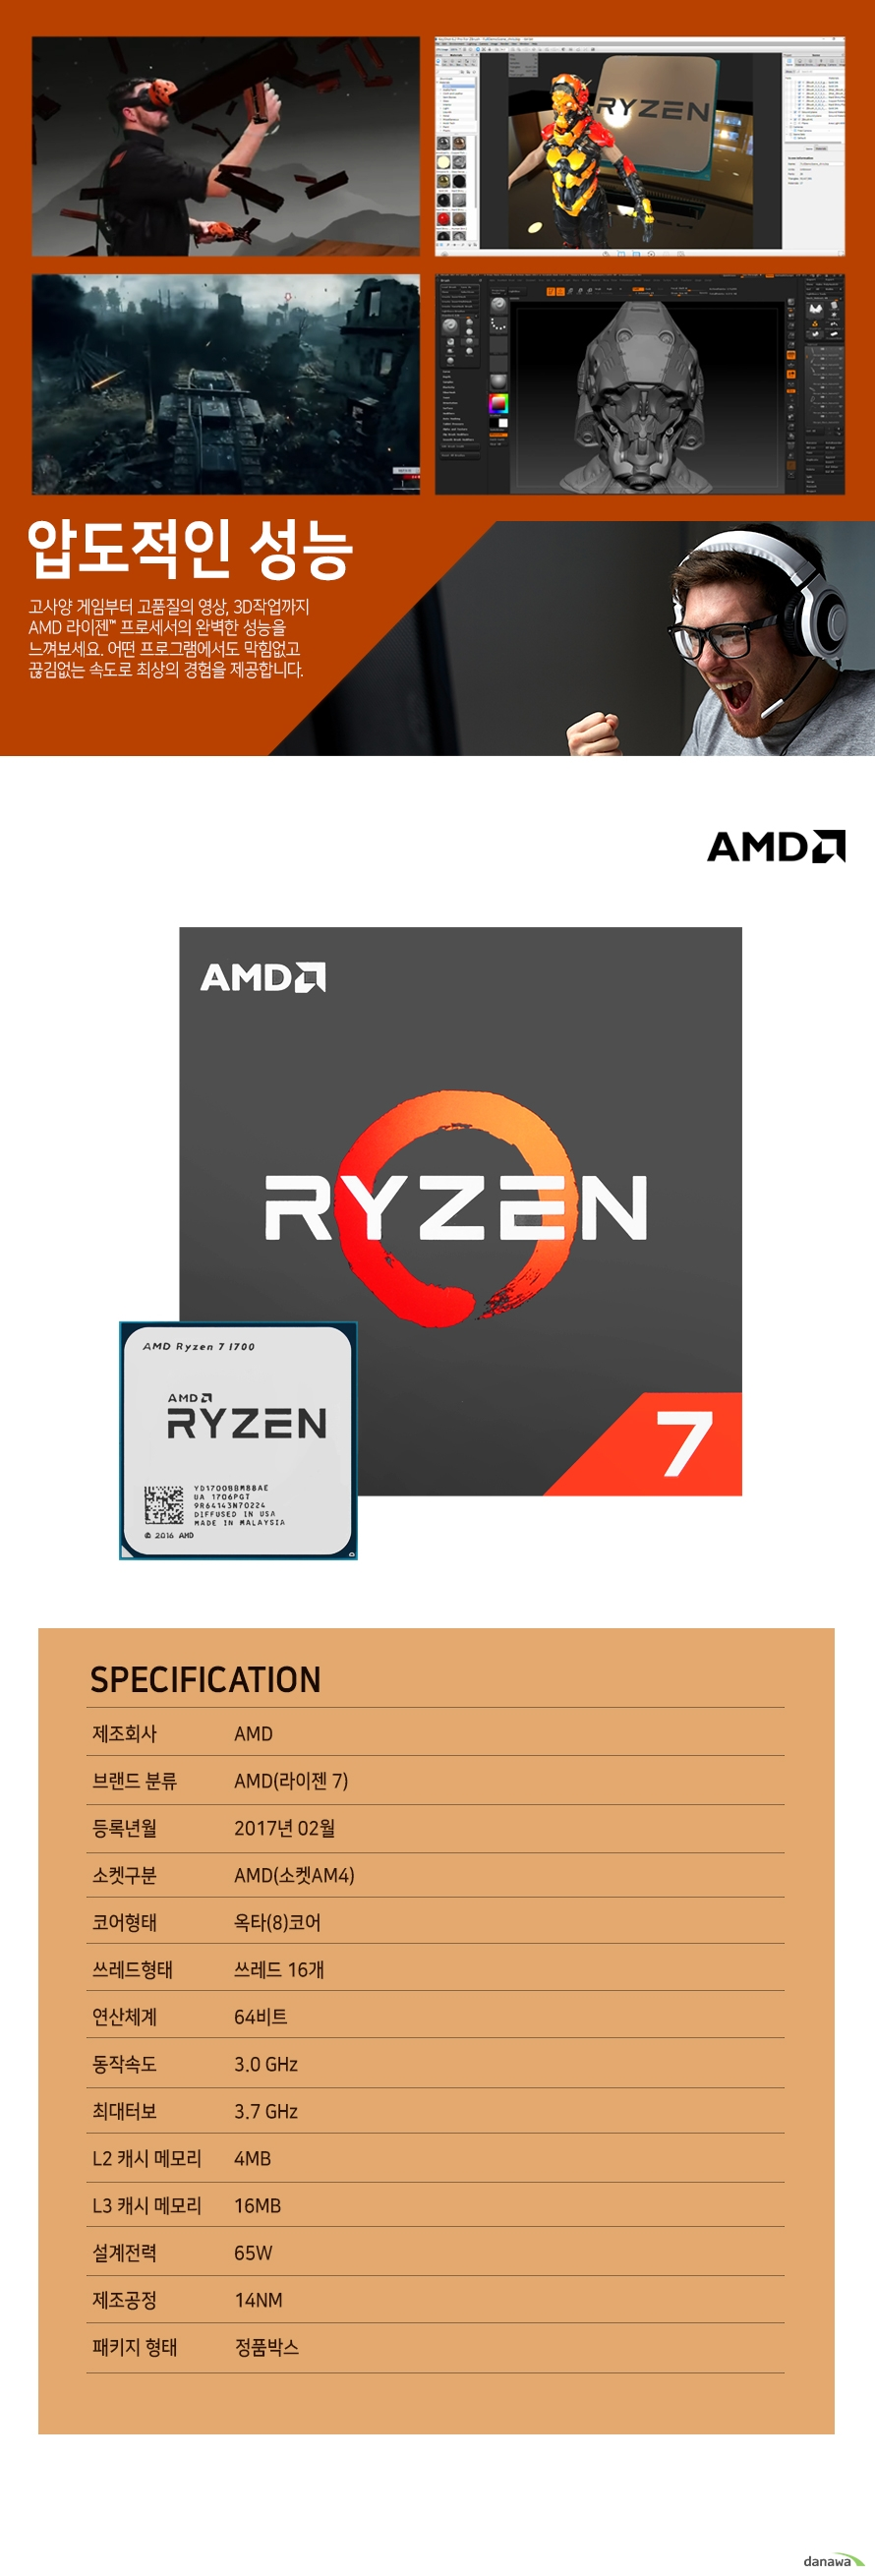 압도적인 성능                    고사양 게임부터 고품질의 영상 , 3D 작업까지 AMD 라이젠 프로세서의          완벽한 성능을 느껴보세요. 어떤 프로그램에서도 막힘없고 끊김없는          속도로 최상의 경험을 제공합니다.                    SPECIFICATION          제조 회사 AMD          브랜드 분류 AMD(라이젠 7)          등록년월 2017년 2월          소켓구분 AMD(소켓 AM4)          코어형태 옥타(8)코어          쓰레드 형태 쓰레드 16개          연산체계 64비트          동작속도 3.0GHZ          최대 터보 3.7GHZ          L2 캐시 메모리 4MB          L3 캐시 메모리 16MB          설계전력 65W          제조공정 14NM          패키지 형태 정품박스